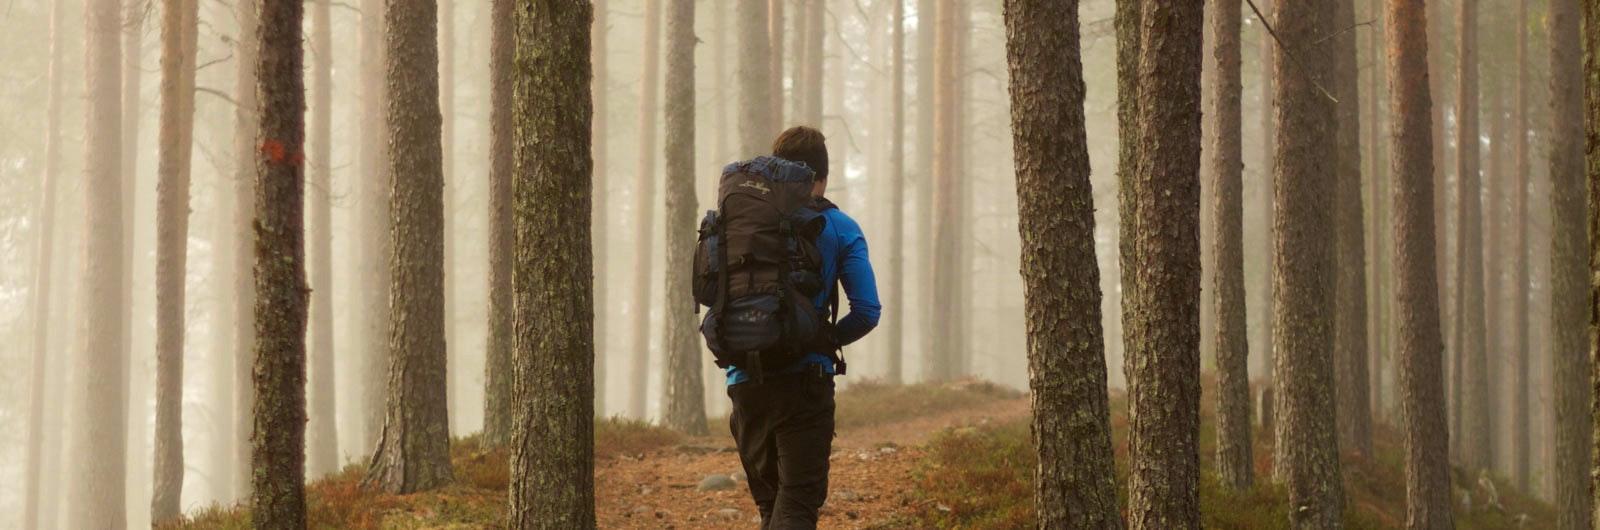 vandrare i dimma längs isälvsleden